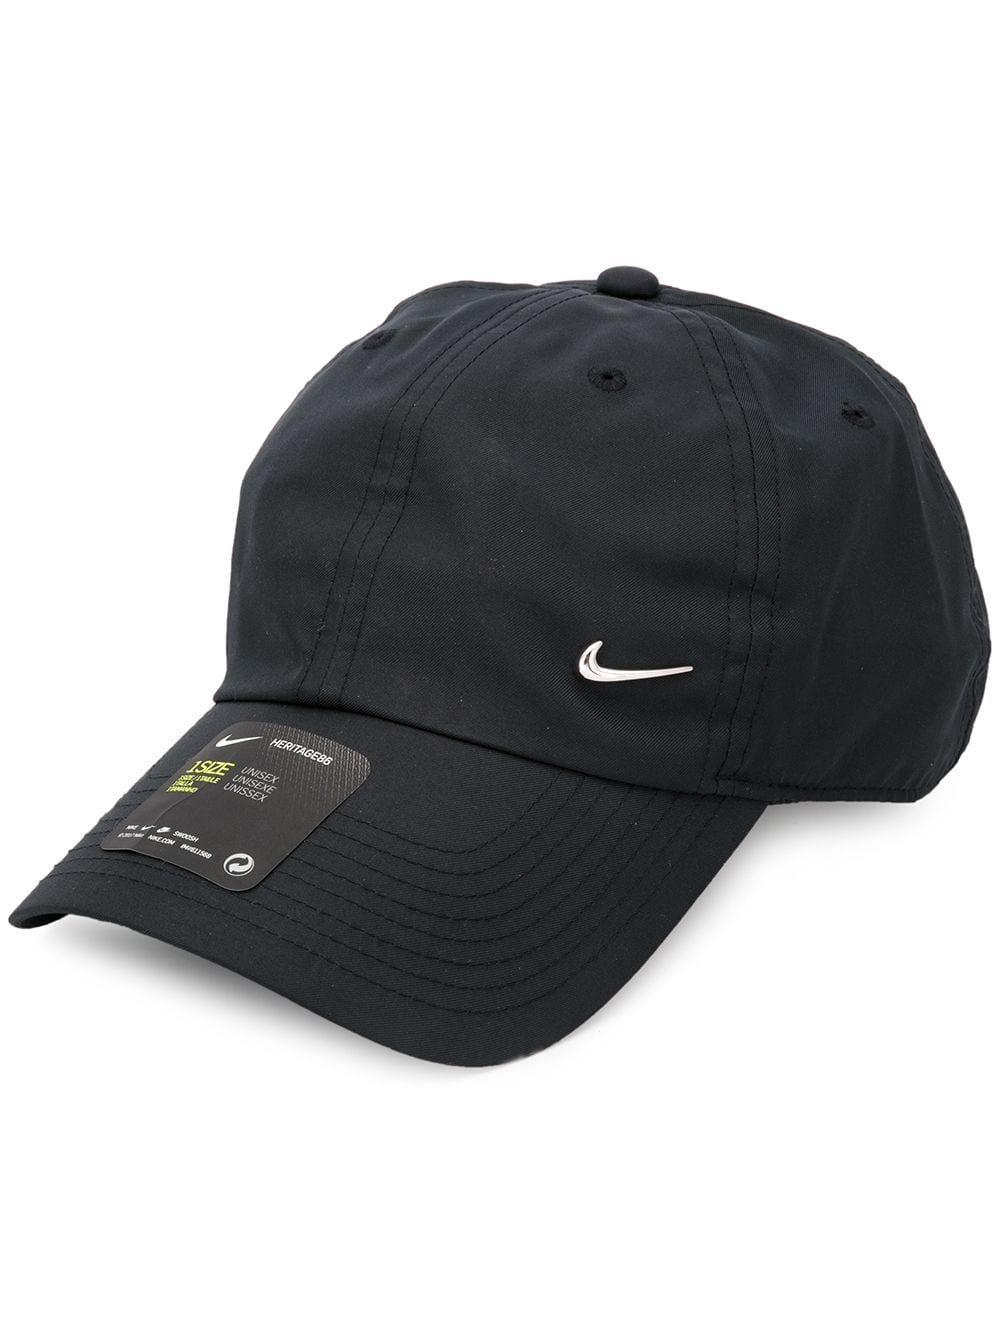 42a4128b NIKE NIKE METAL SWOOSH H86 CAP - BLACK. #nike | Nike in 2019 | Nike ...